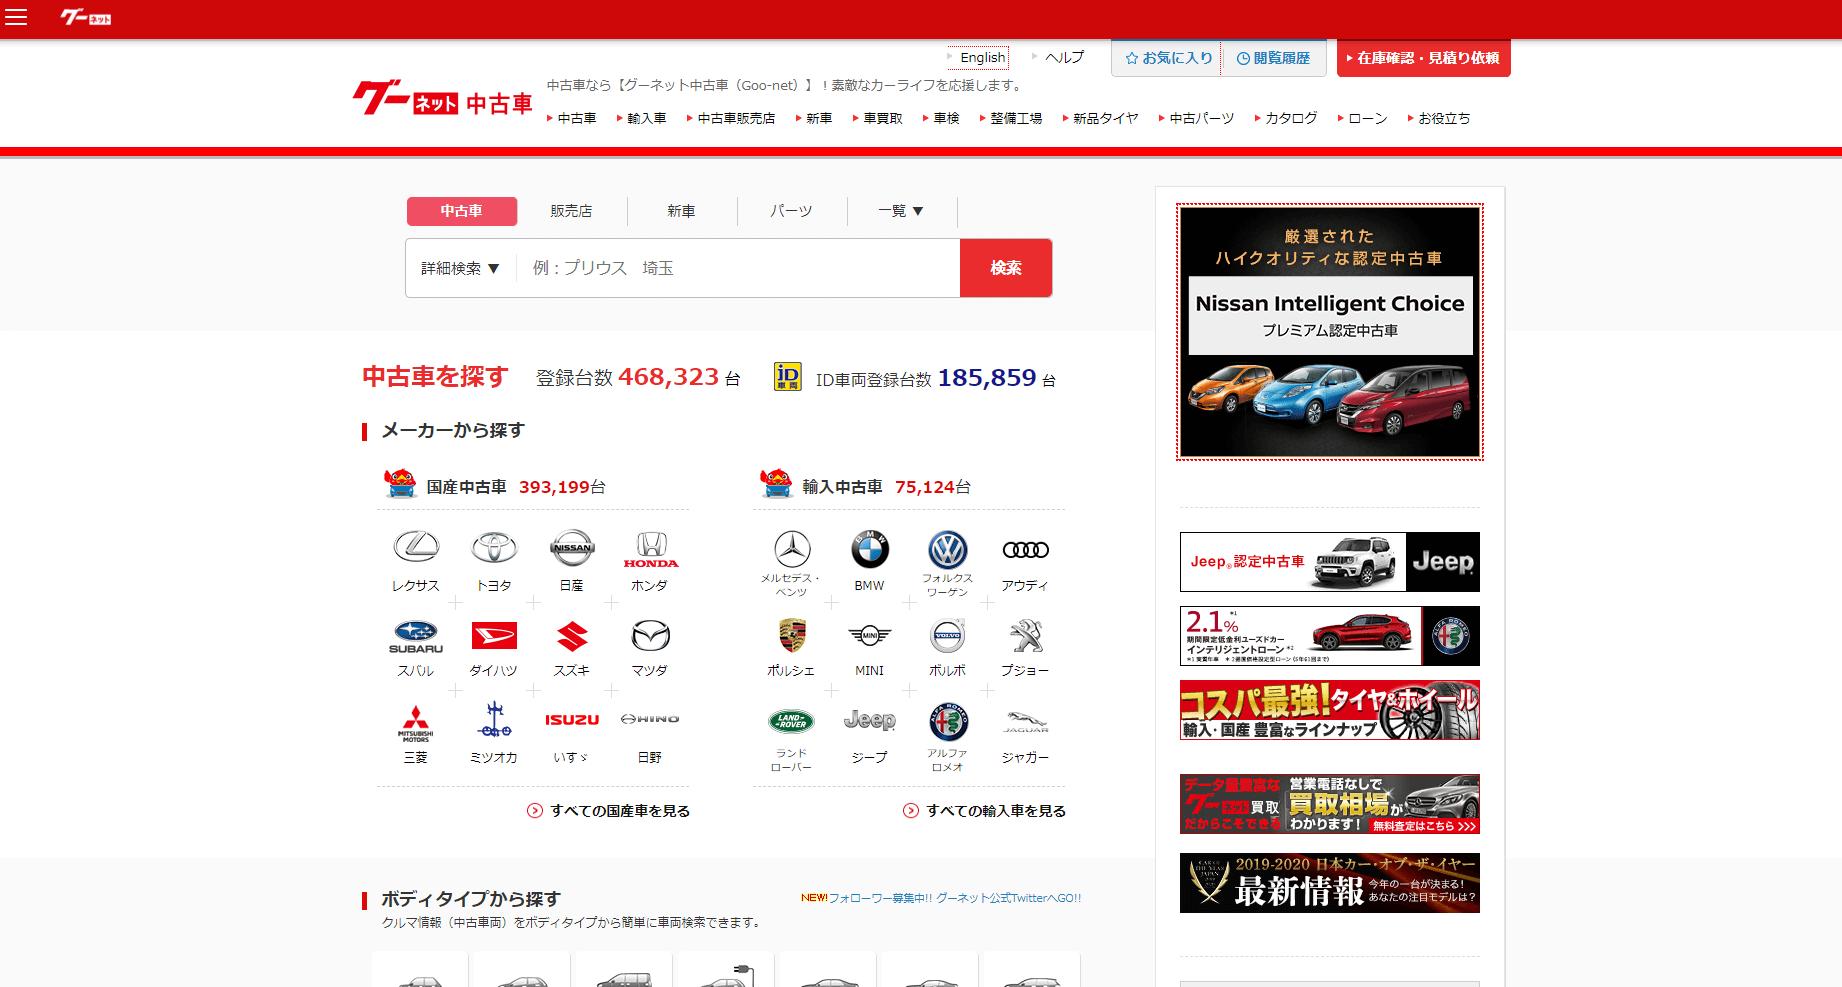 中古車探すときにはgoo-netがおすすめ